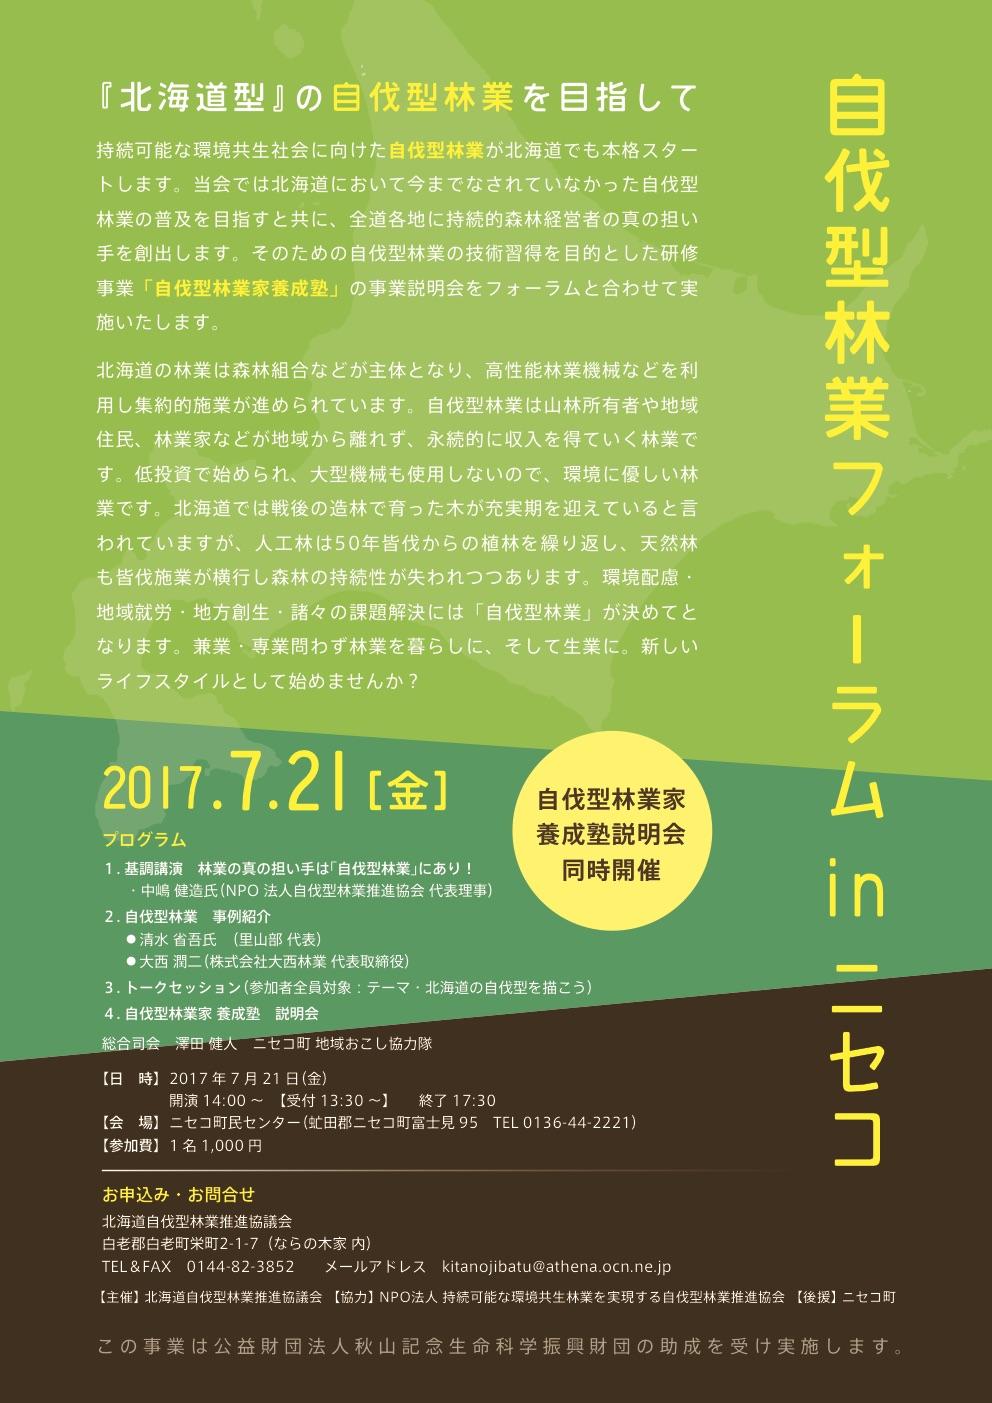 【北海道で自伐を始めよう!】7月21日(金)ニセコにて自伐型林業フォーラム開催。